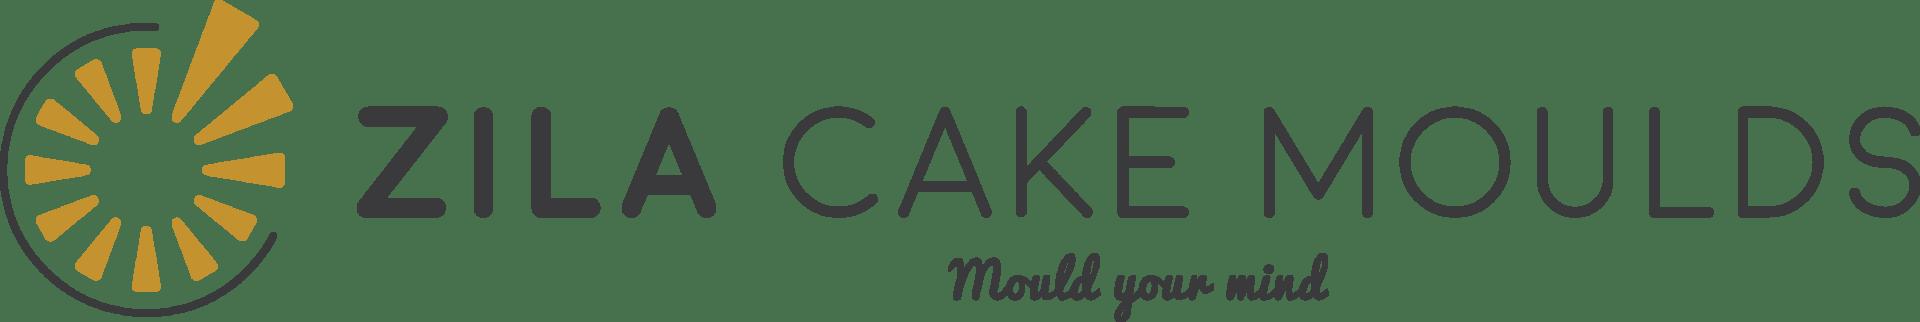 Unique Cake Recipes